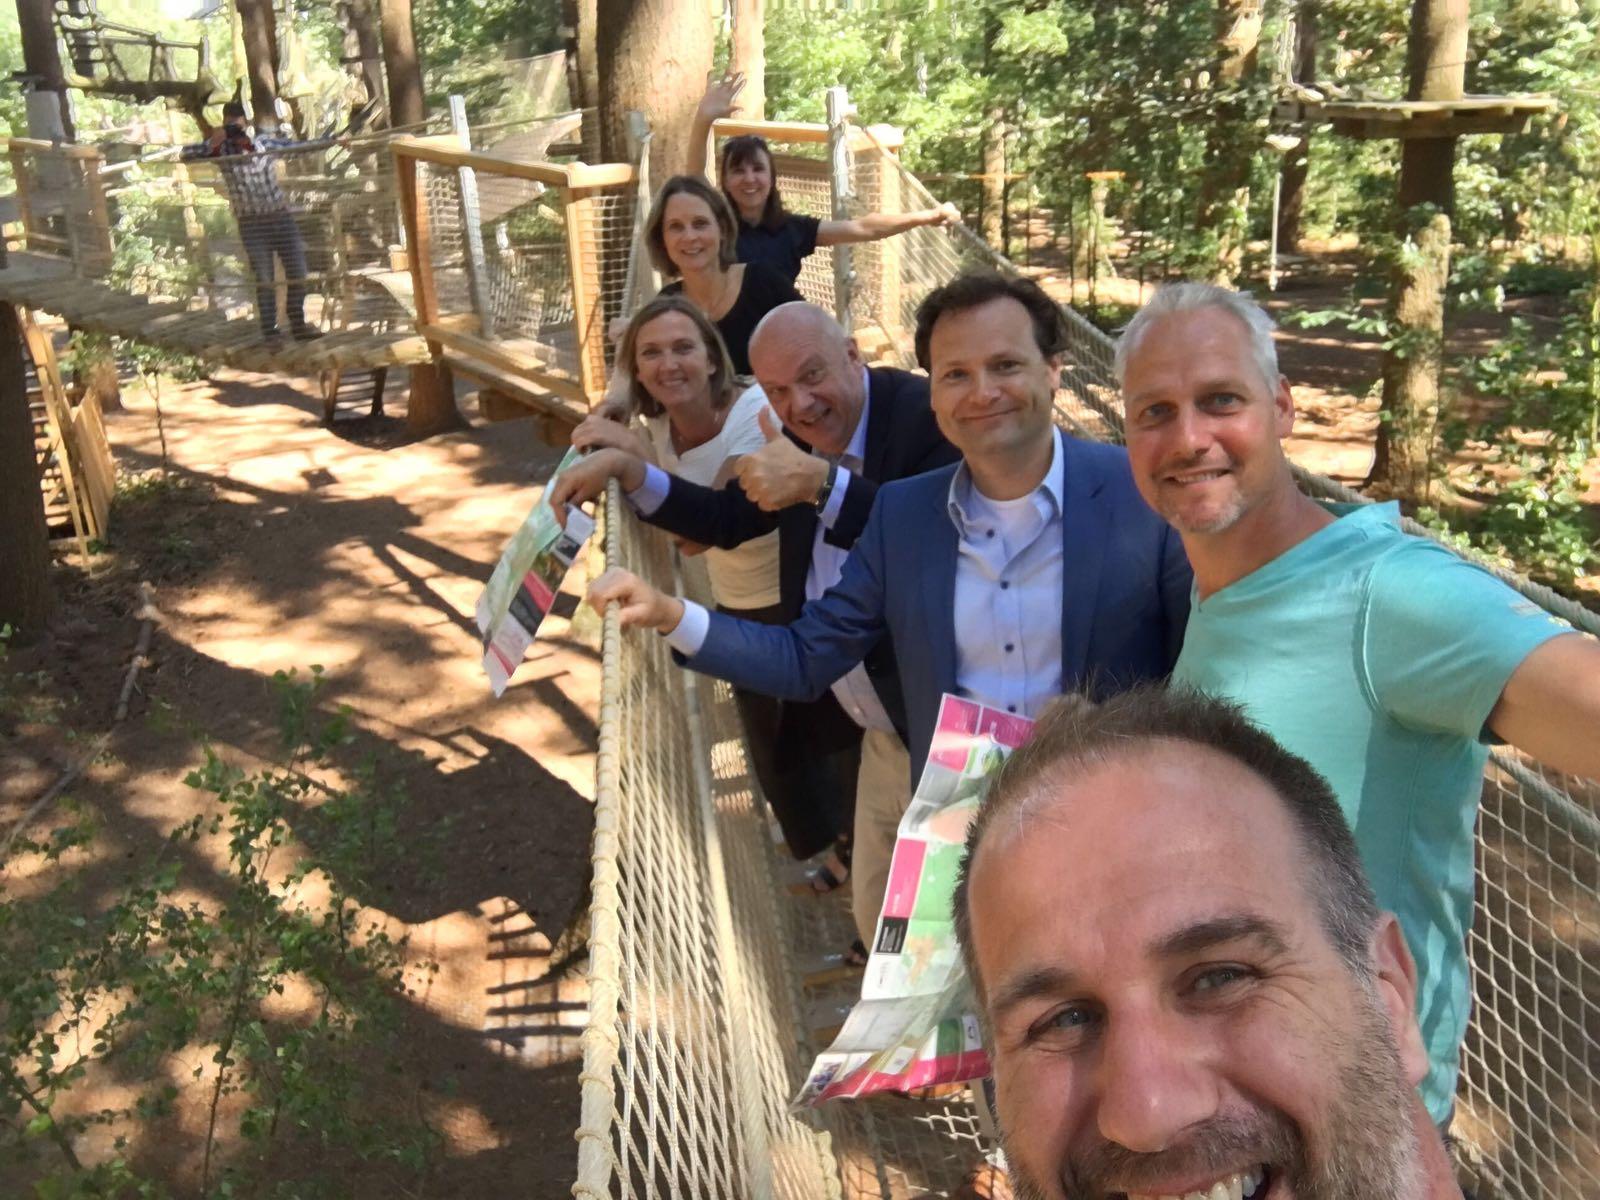 Kennismaken met nieuwe wethouder van Barneveld in Klimbos